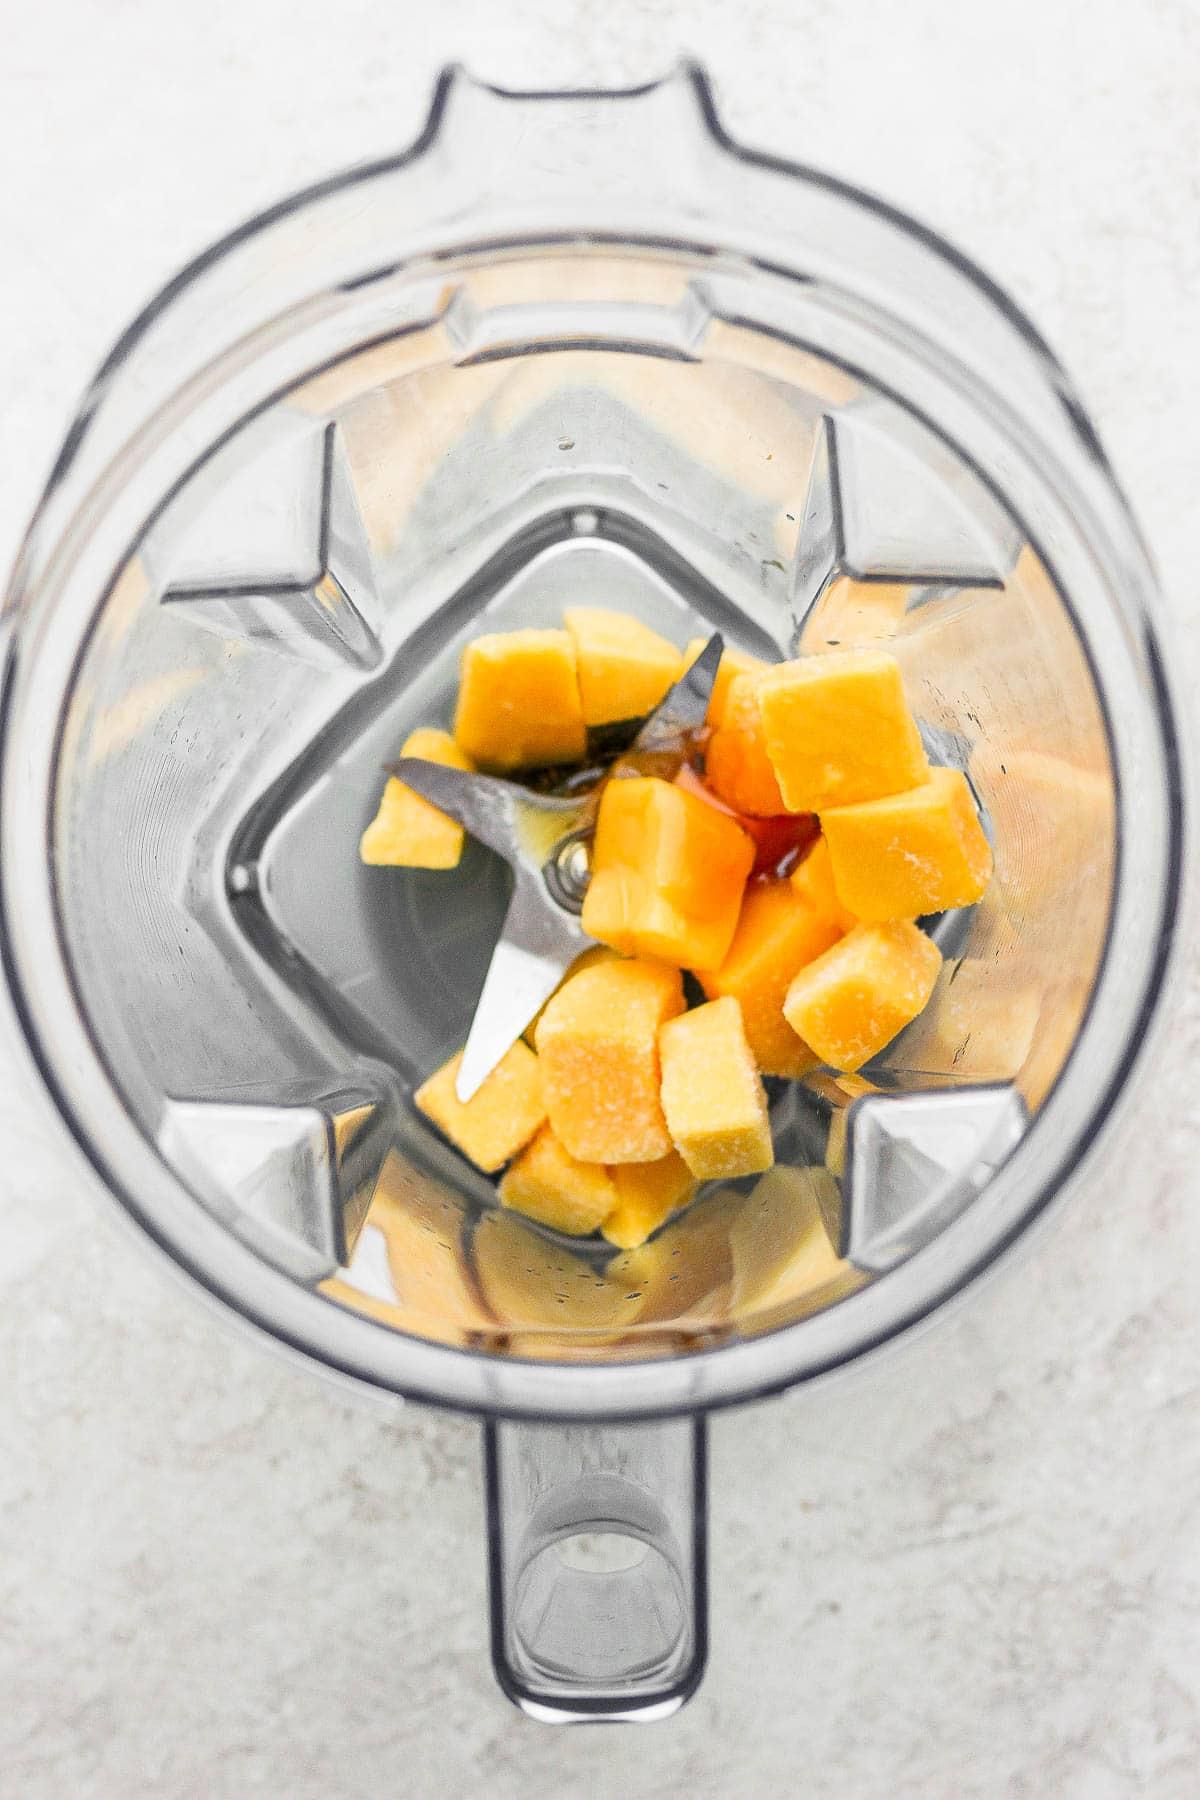 Ingredients for mango margaritas in a blender.